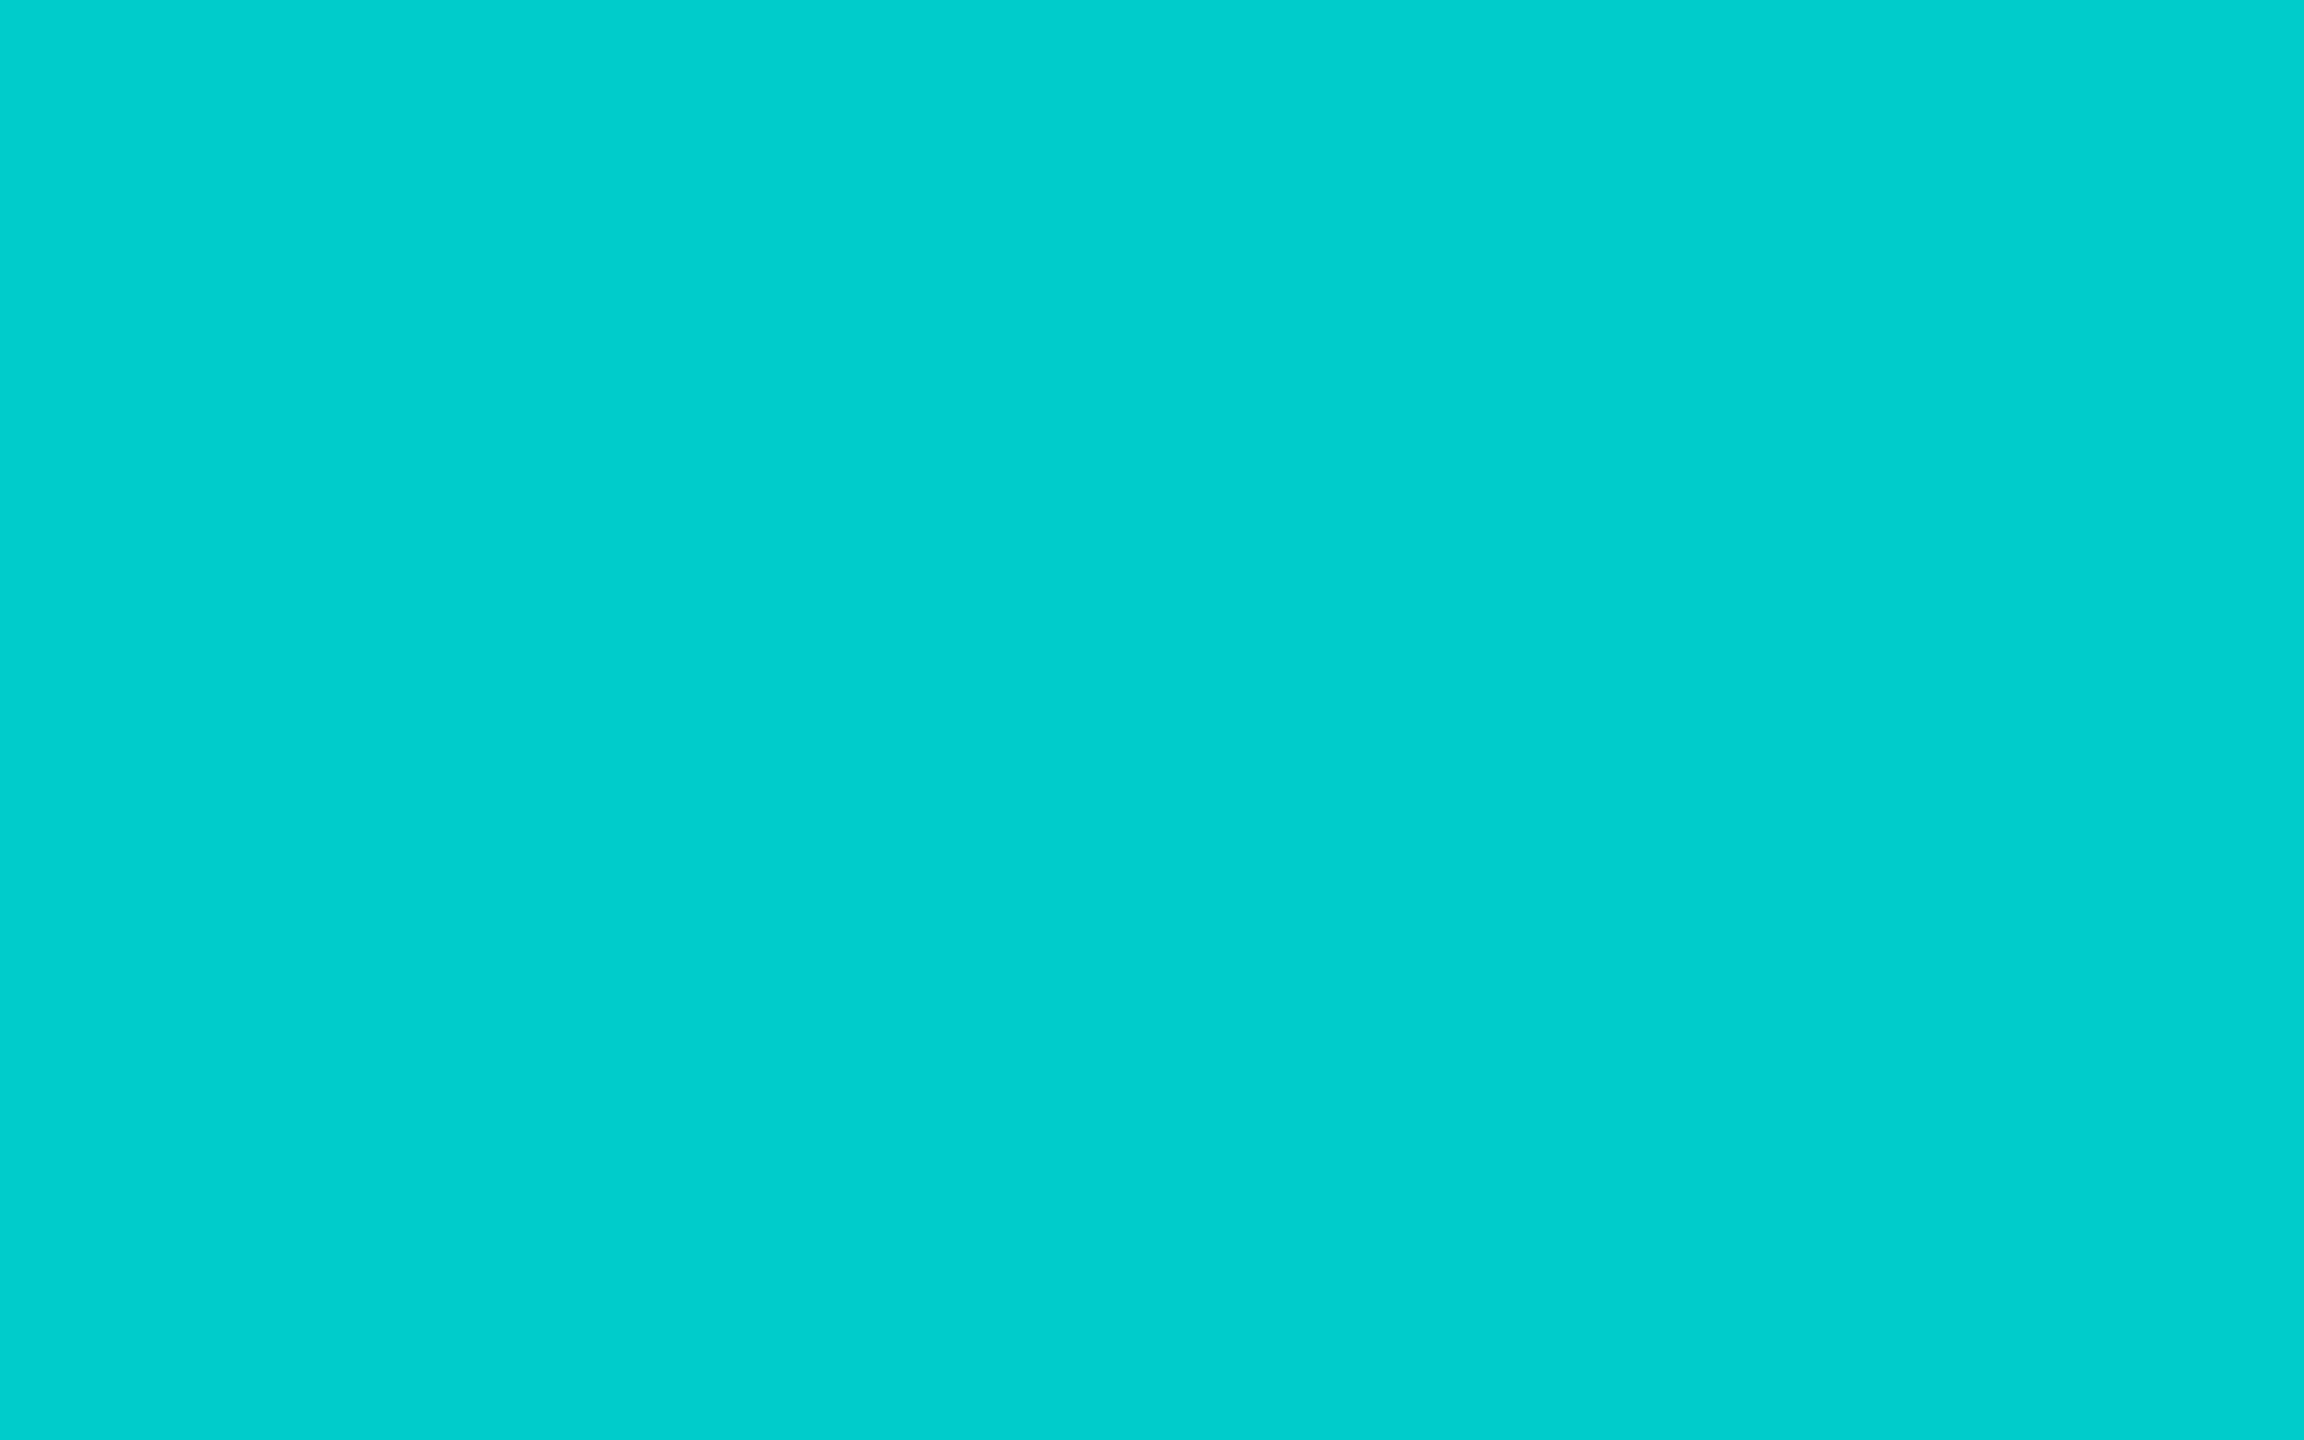 2304x1440 Robin Egg Blue Solid Color Background